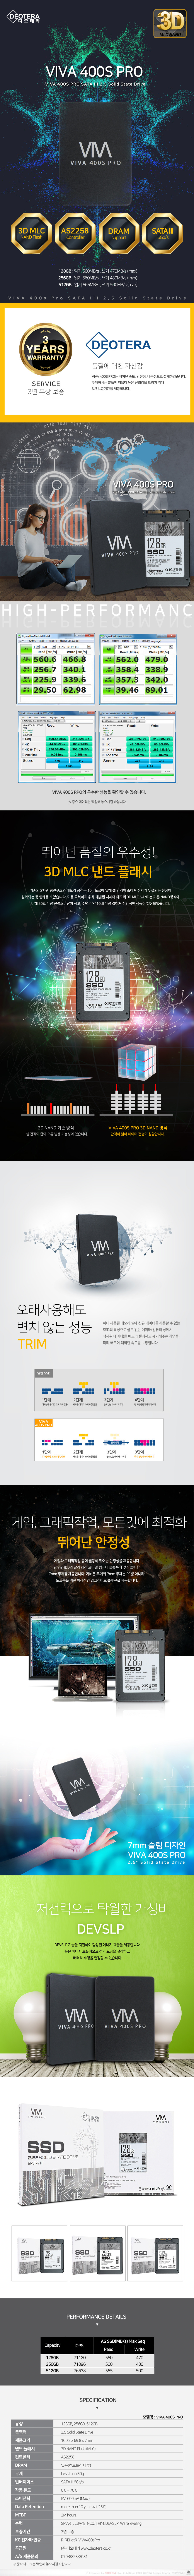 VIVA_400s_Pro.jpg